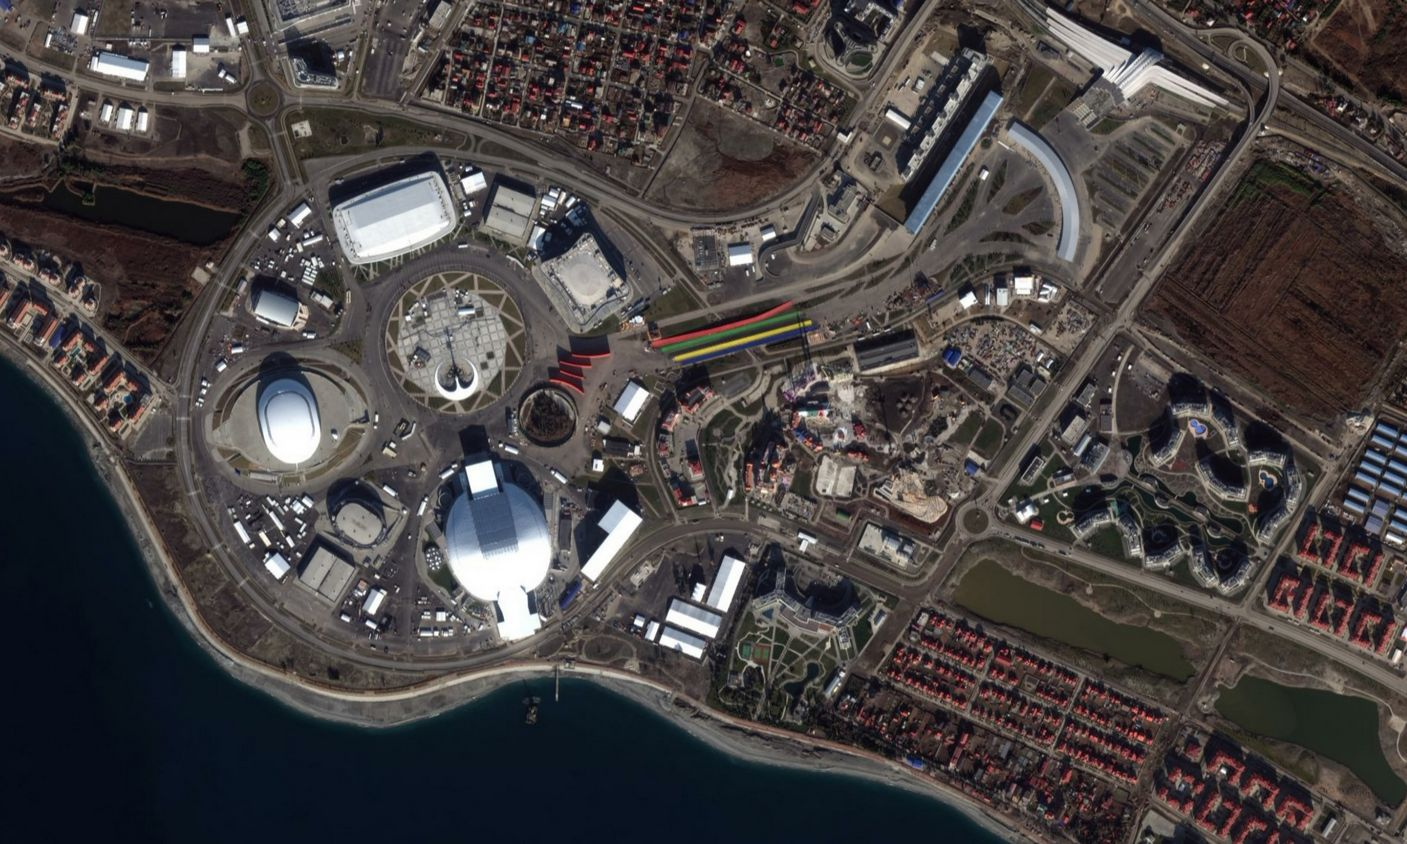 фото из космоса адлер деревянных яйцах яйцах